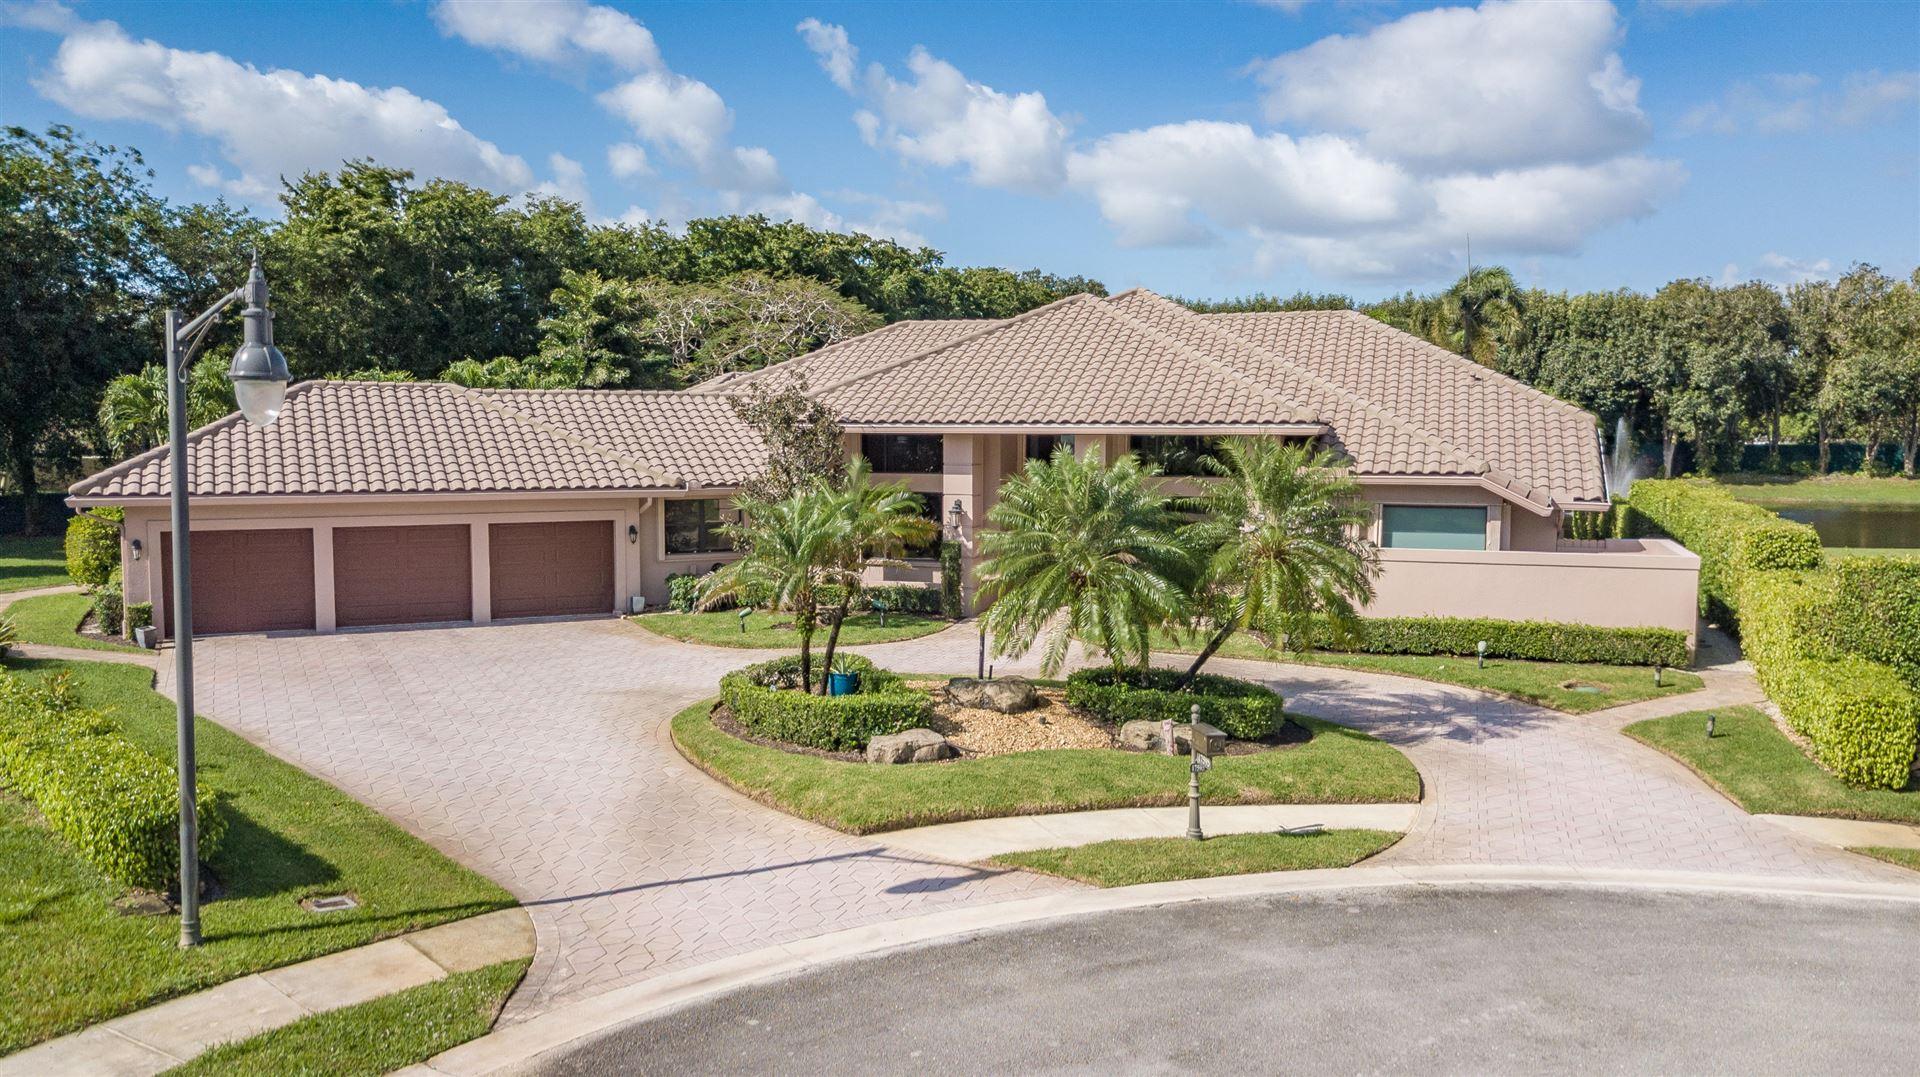 17595 Bocaire Place, Boca Raton, FL 33487 - #: RX-10605596